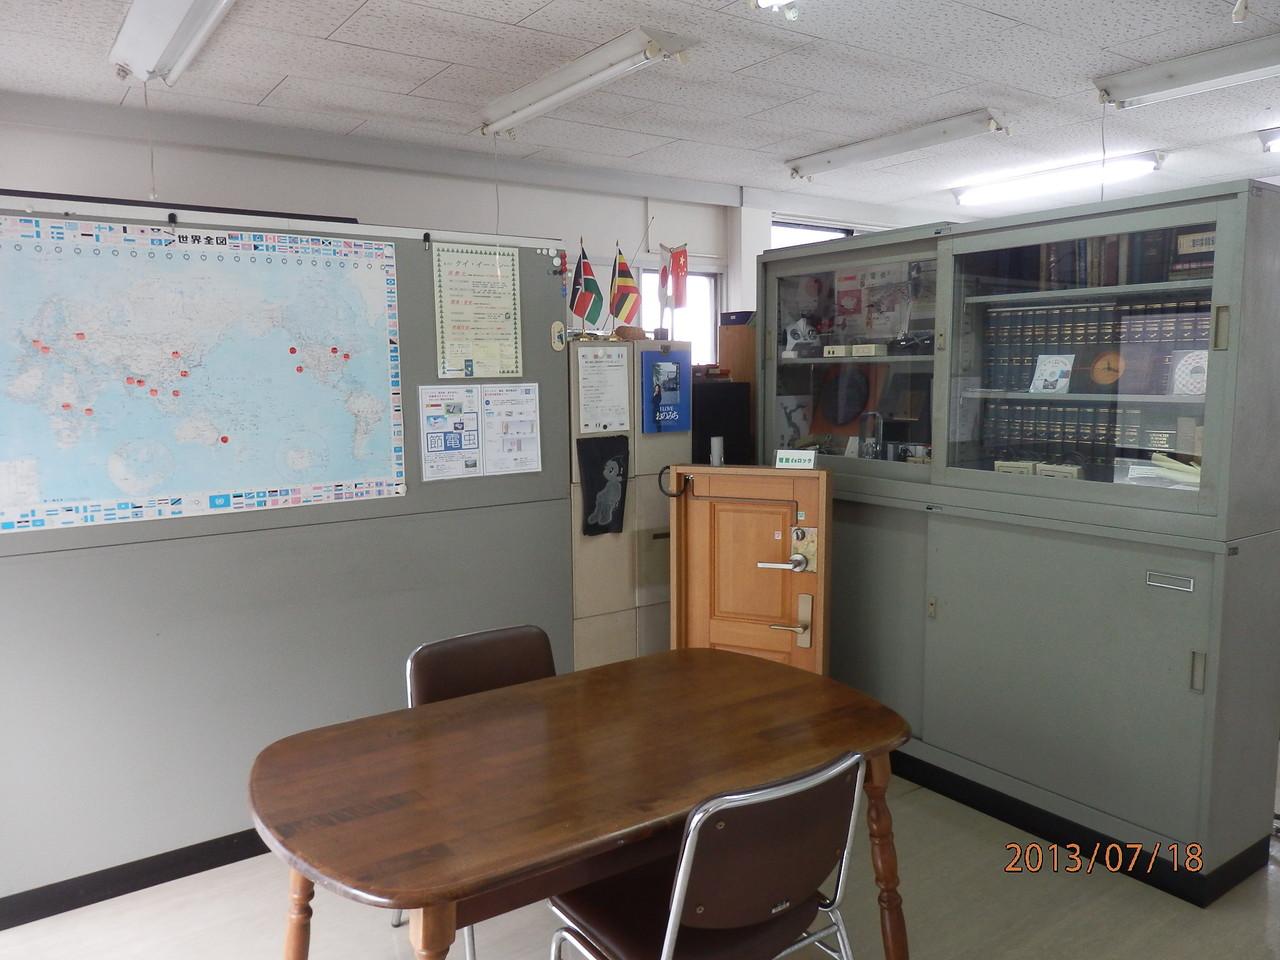 KECビル2階、202号室(10坪)内部(釜本事務所、接客コーナー)